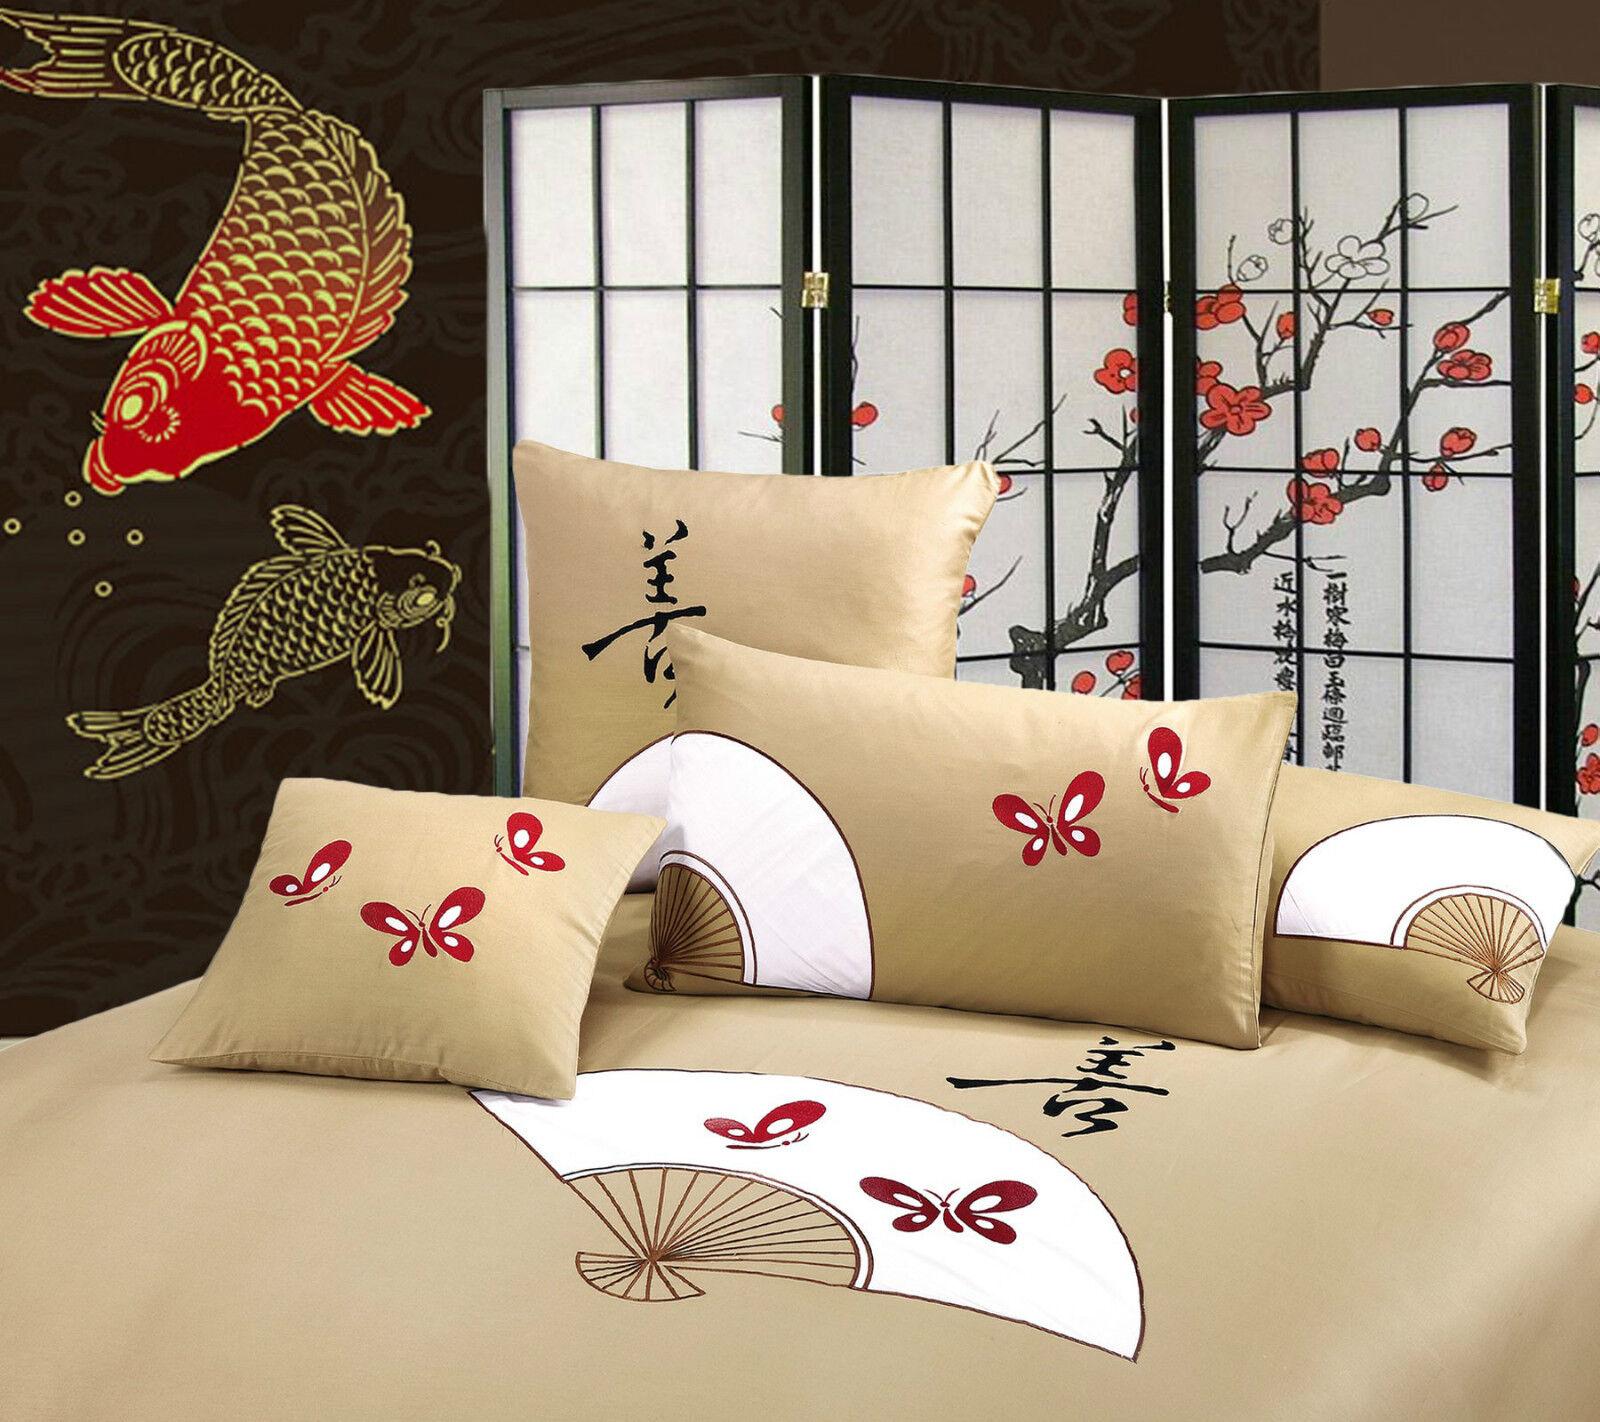 New Orientsense Oriental Fan KING Size Quilt Doona Cover Set - 350TC100% Cotton